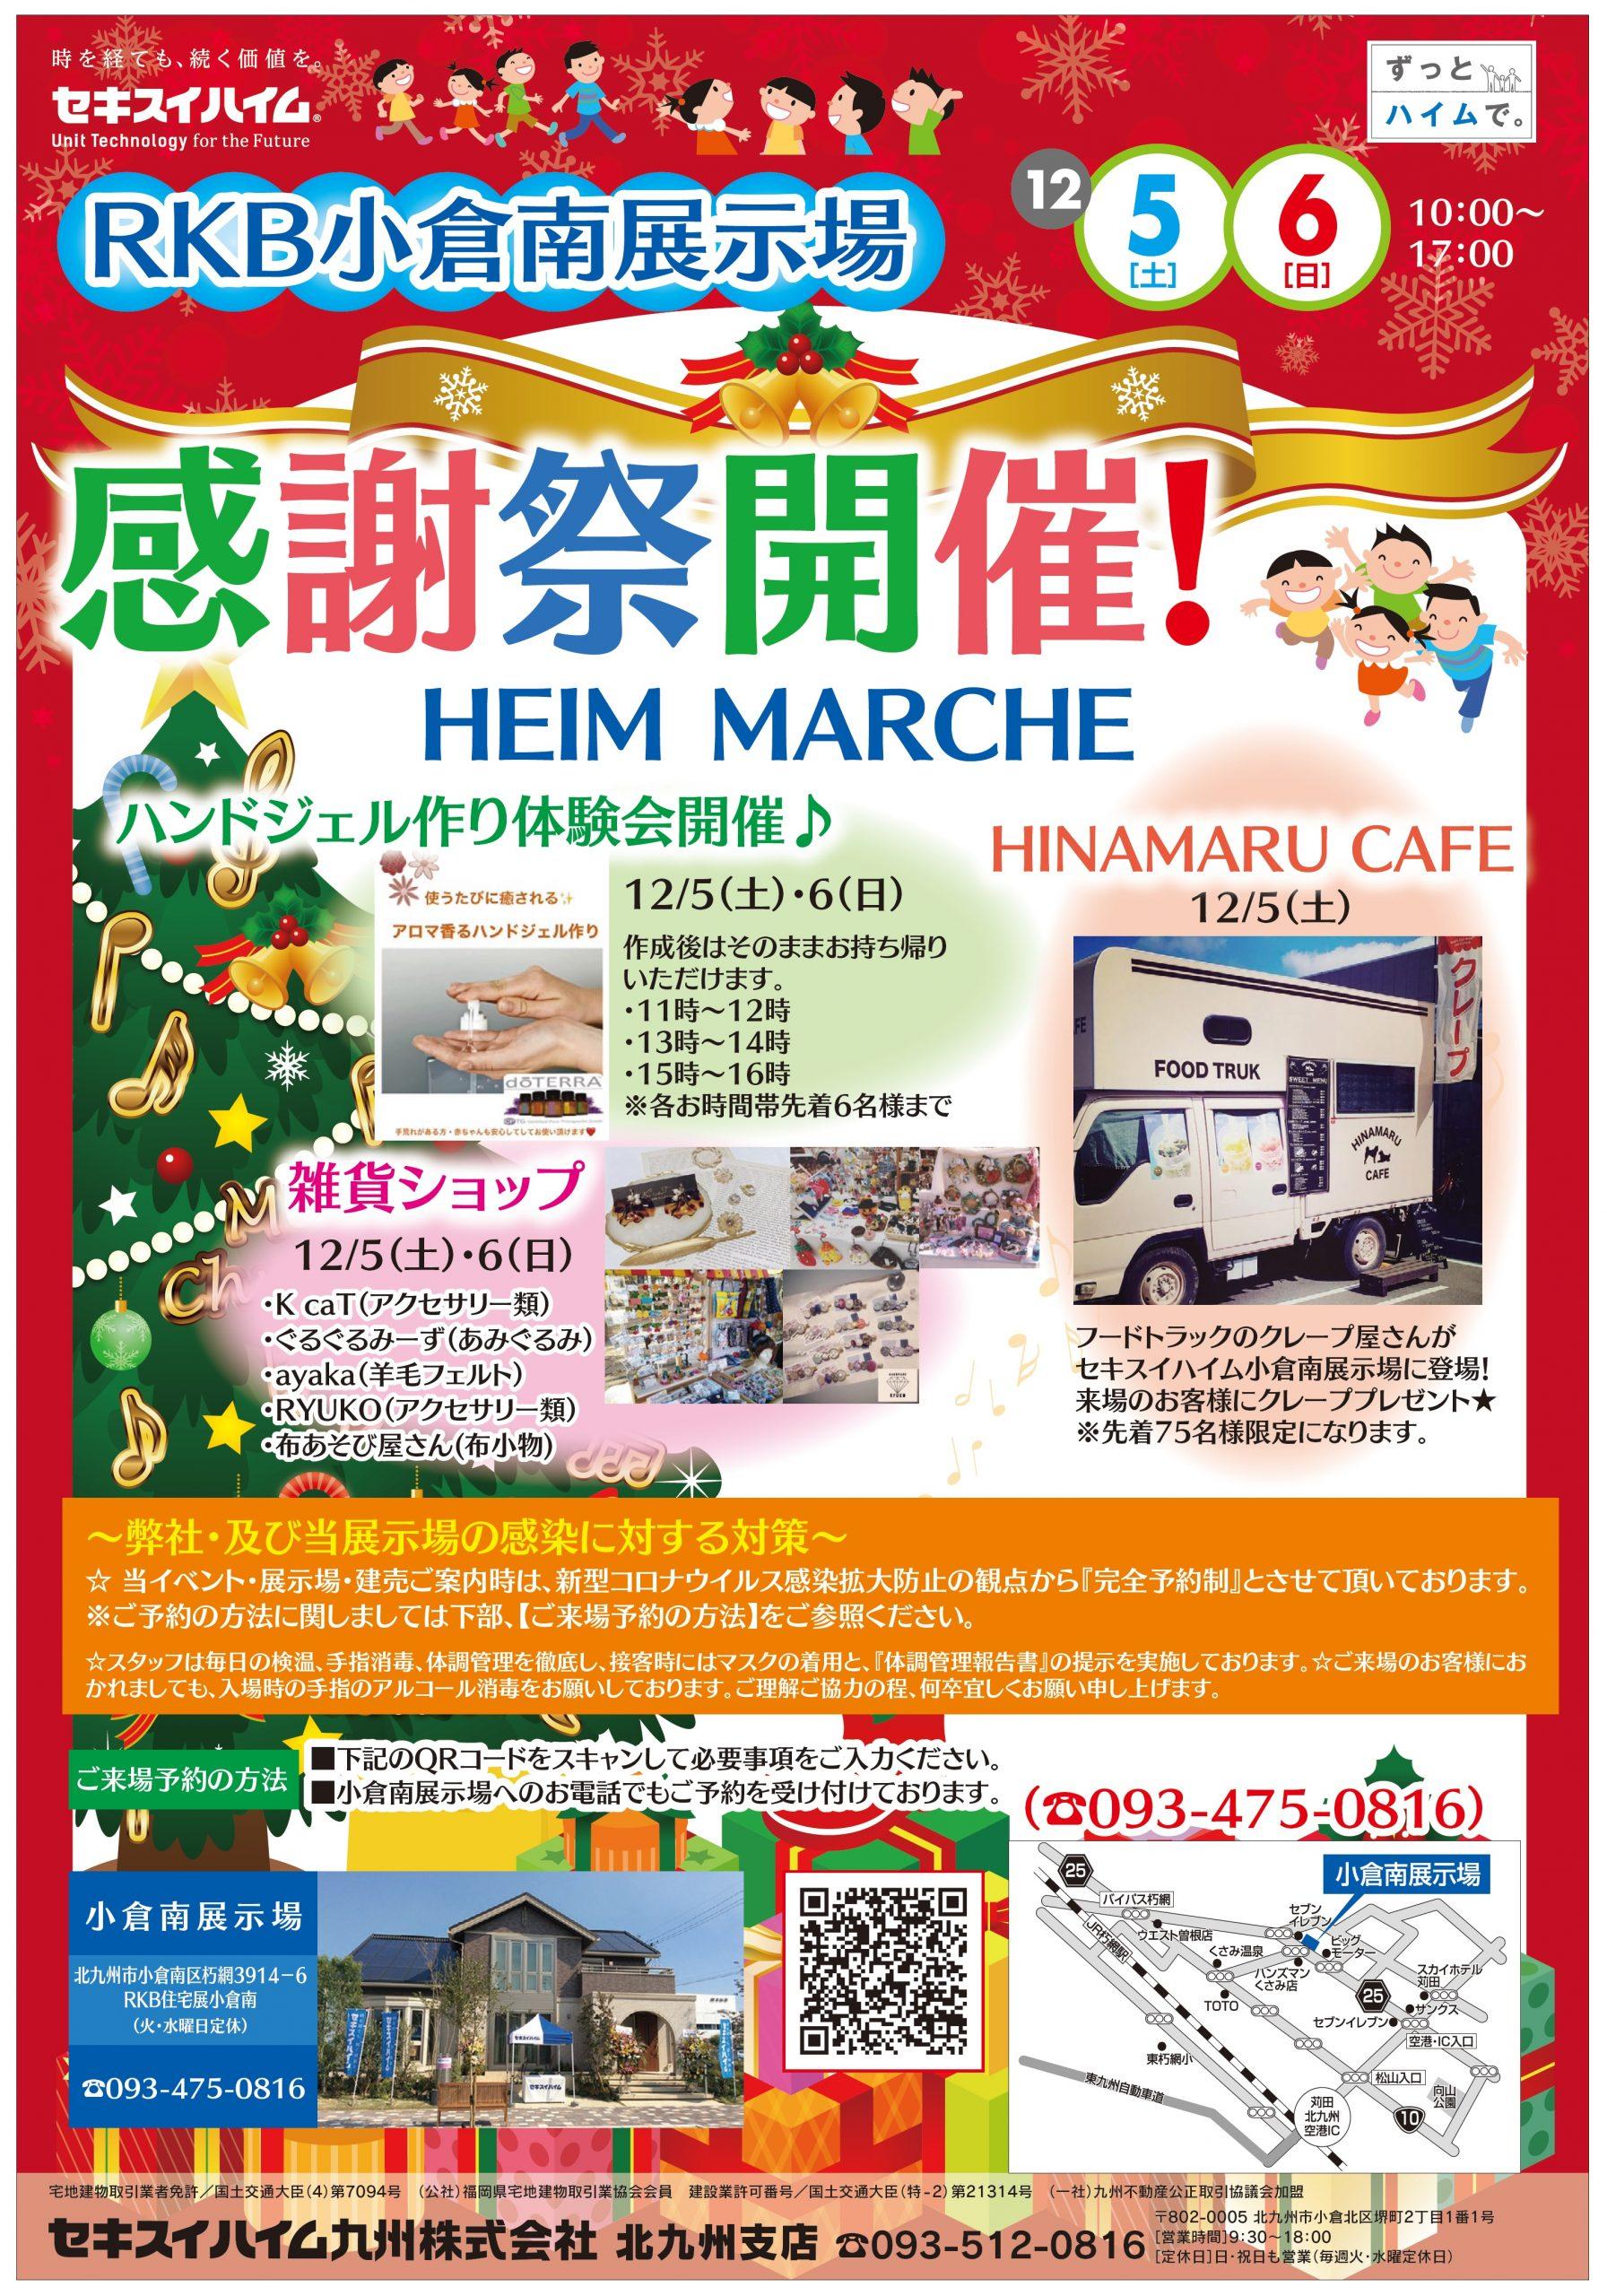 【セキスイハイム】イベントのご案内:12/5(土)、12/6(日)感謝祭を開催いたします!